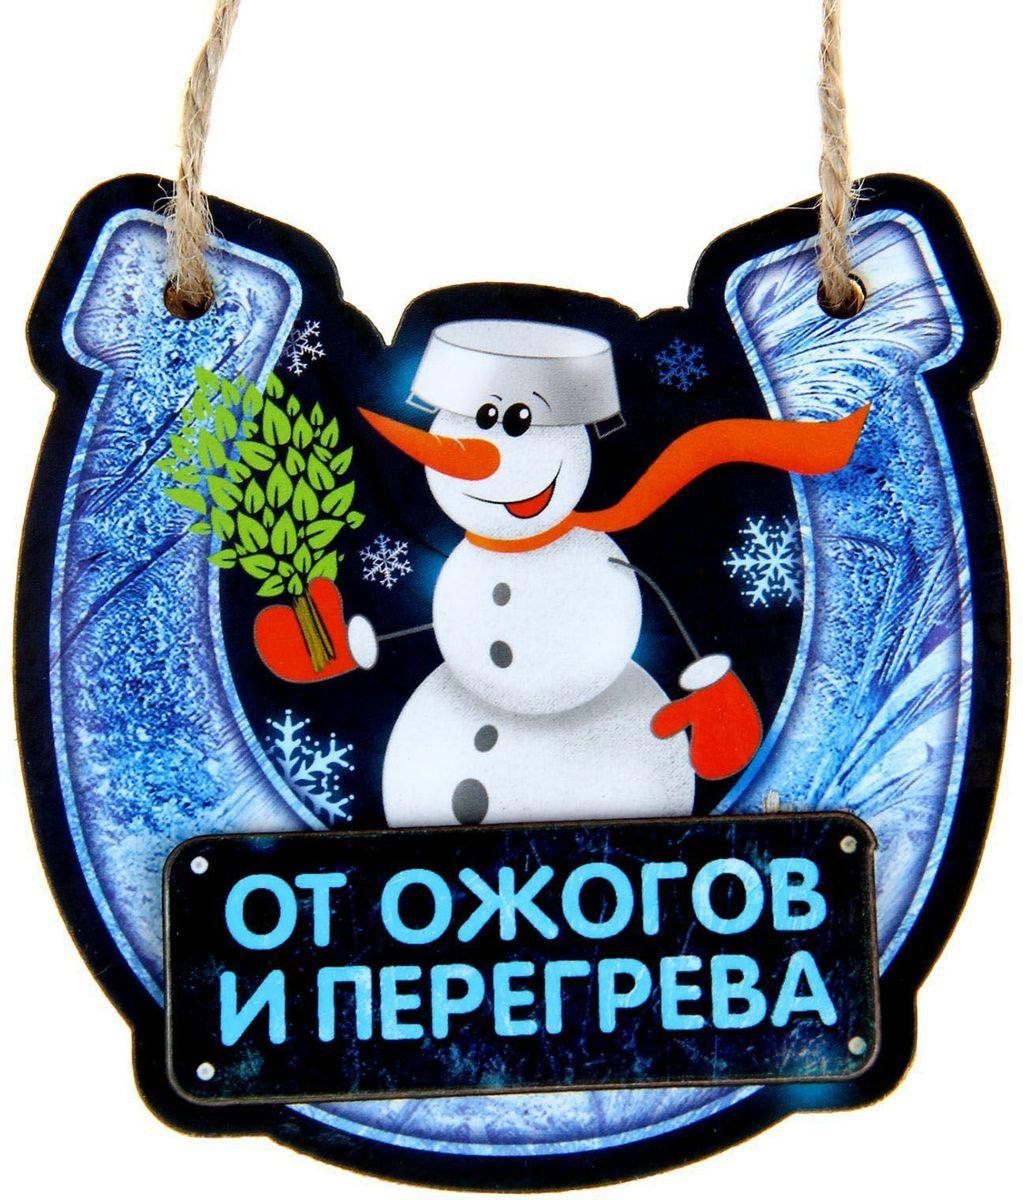 Оберег для бани Sima-land От ожогов и перегрева, цвет: синий, двухслойный, 8 х 8 см1052144Приближаются самые добрые и долгожданные праздники — Новый год и Рождество. Оберег Sima-land - это чудесный сувенир, способный привлечь счастье, успех и достаток, стоит лишь расположить его на рабочем столе дома или в офисе! Или носить с собой в качестве оберега. Такой подарок прекрасно впишется в любой интерьер и станет отличным атрибутом праздника, а также станет отличным оберегом своего хозяина.